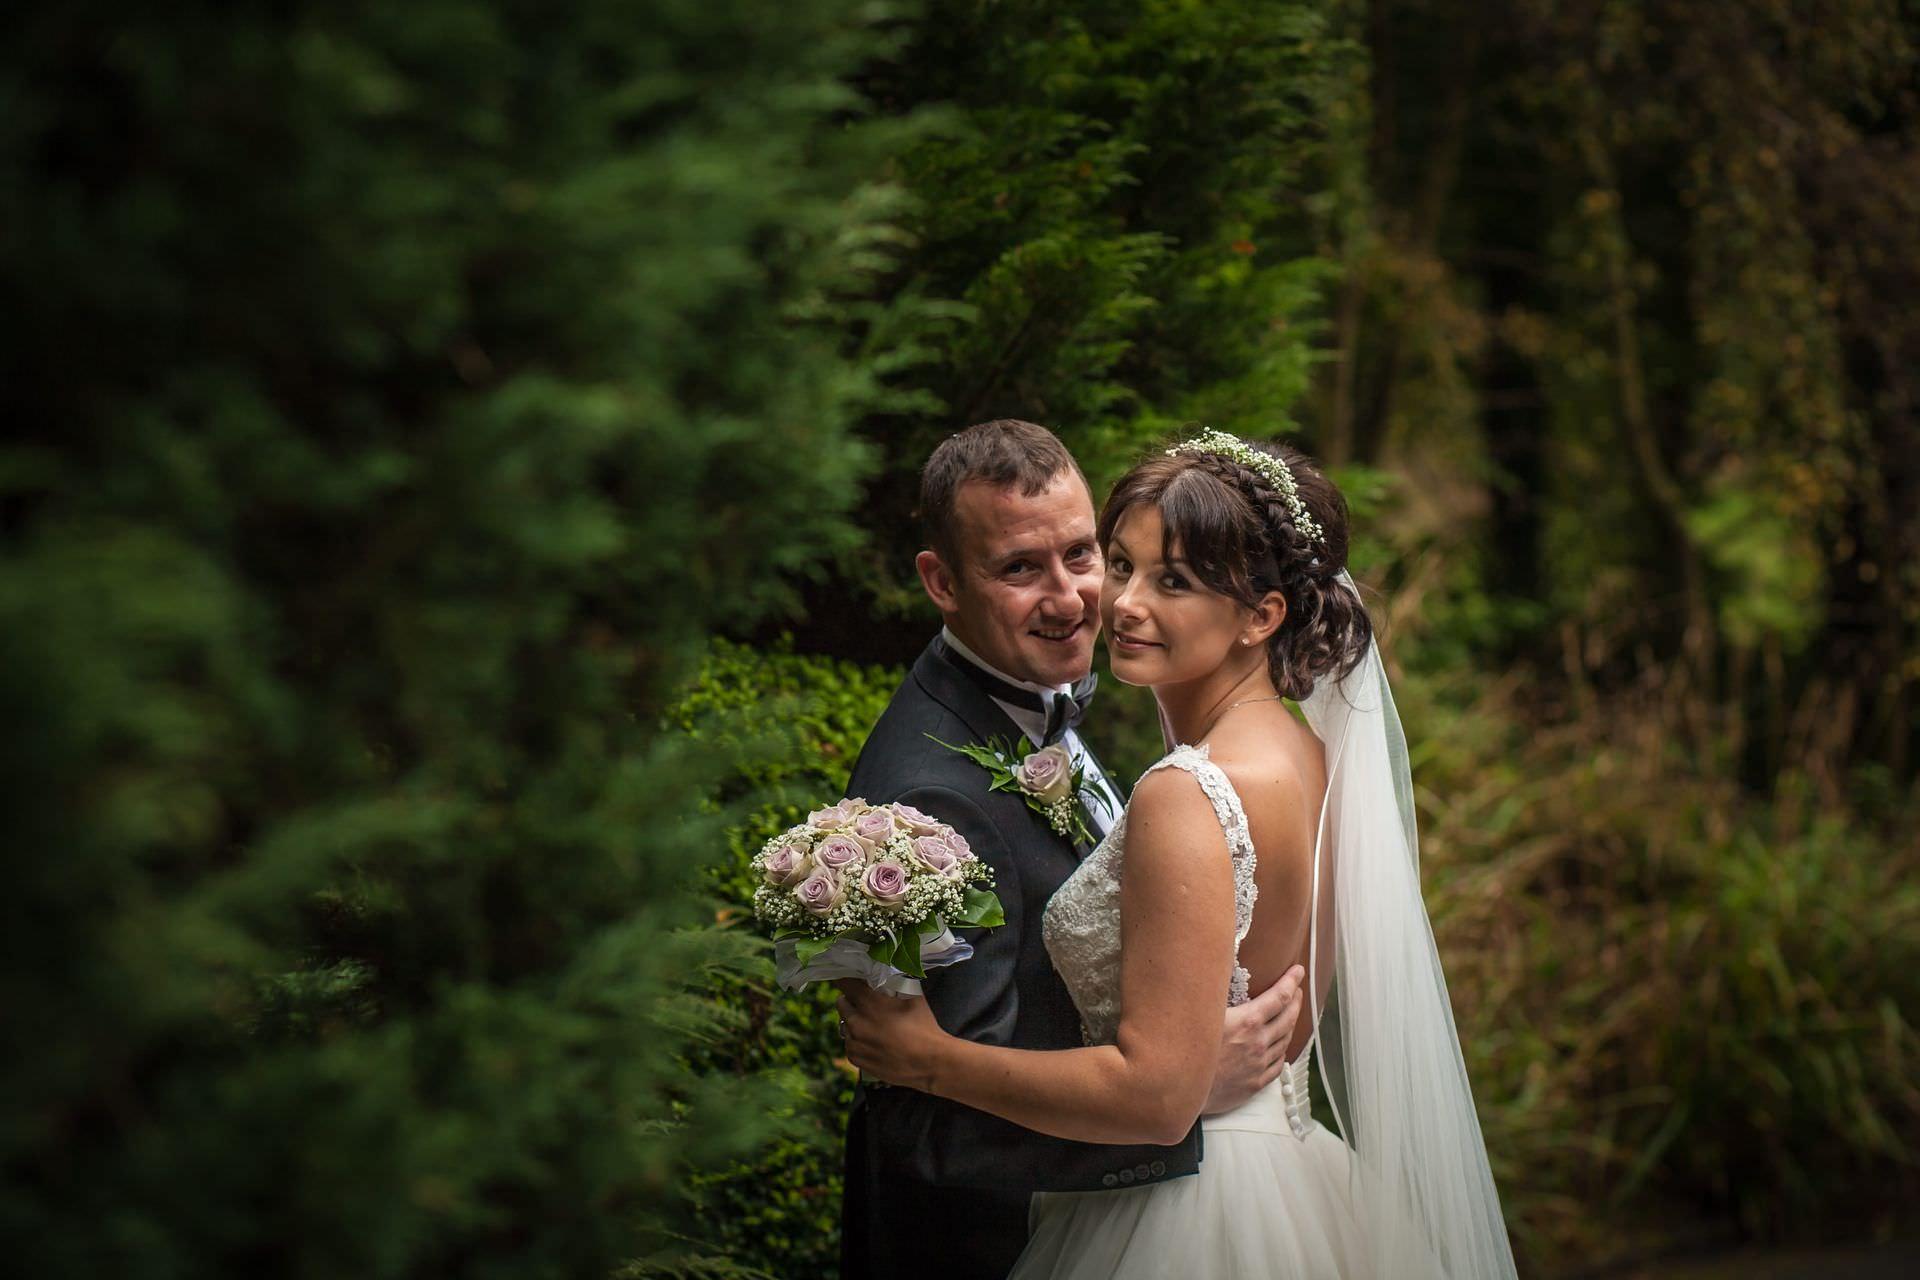 Average Wedding Photographer Cost Uk: One Of The Best Professional Wedding Photographer In Preston